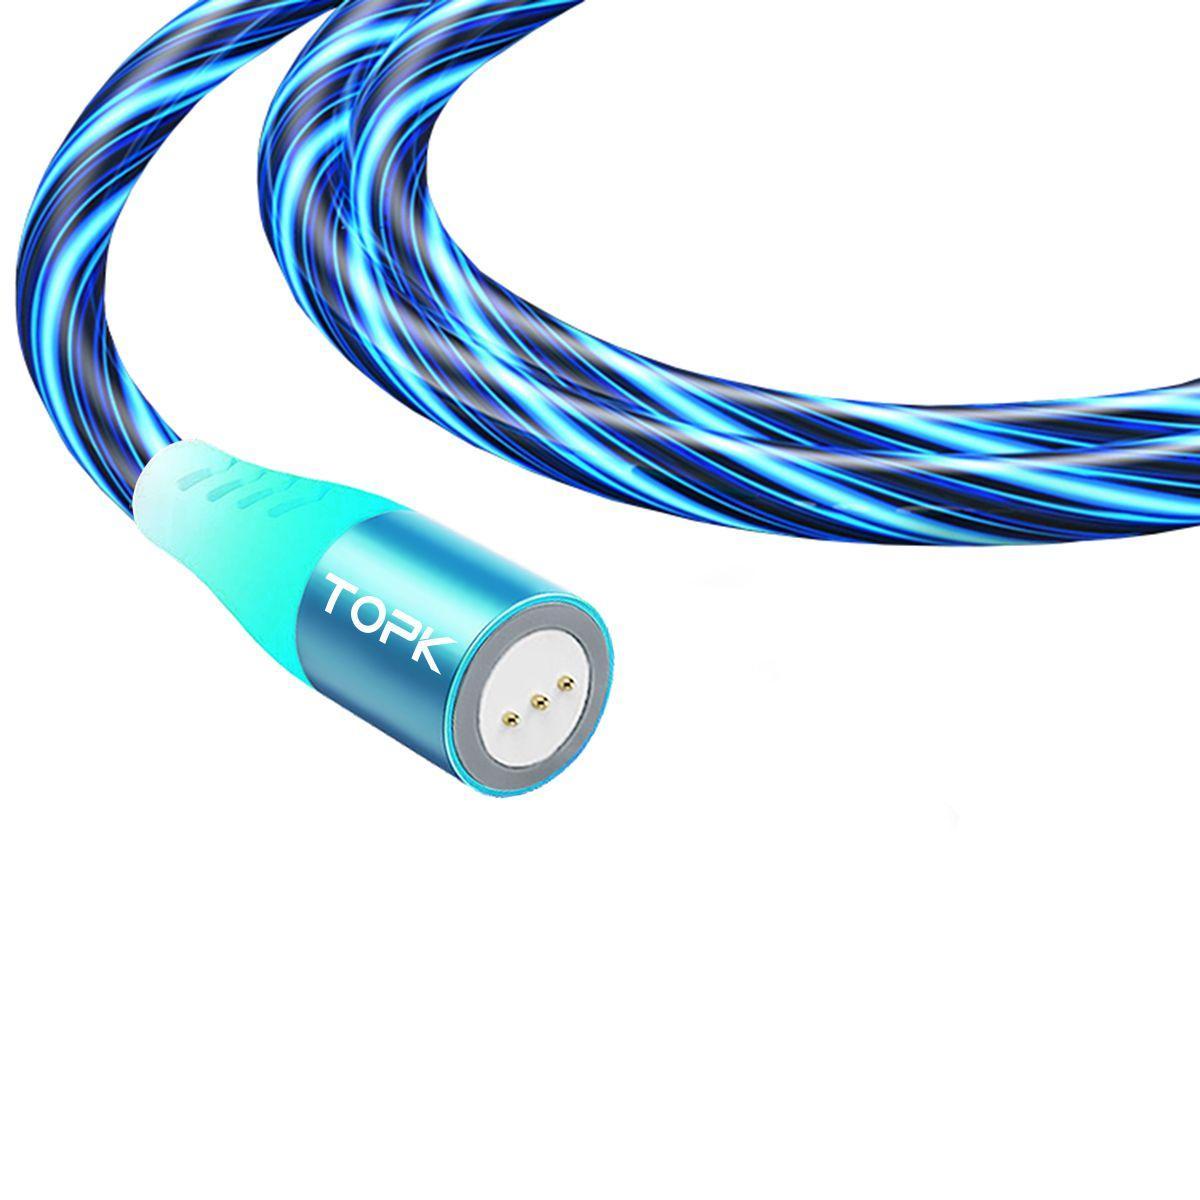 Магнітний кабель TOPK (AM16) без коннектора (SRZ 5A) для заряджання і передачі даних (100 см) Blue